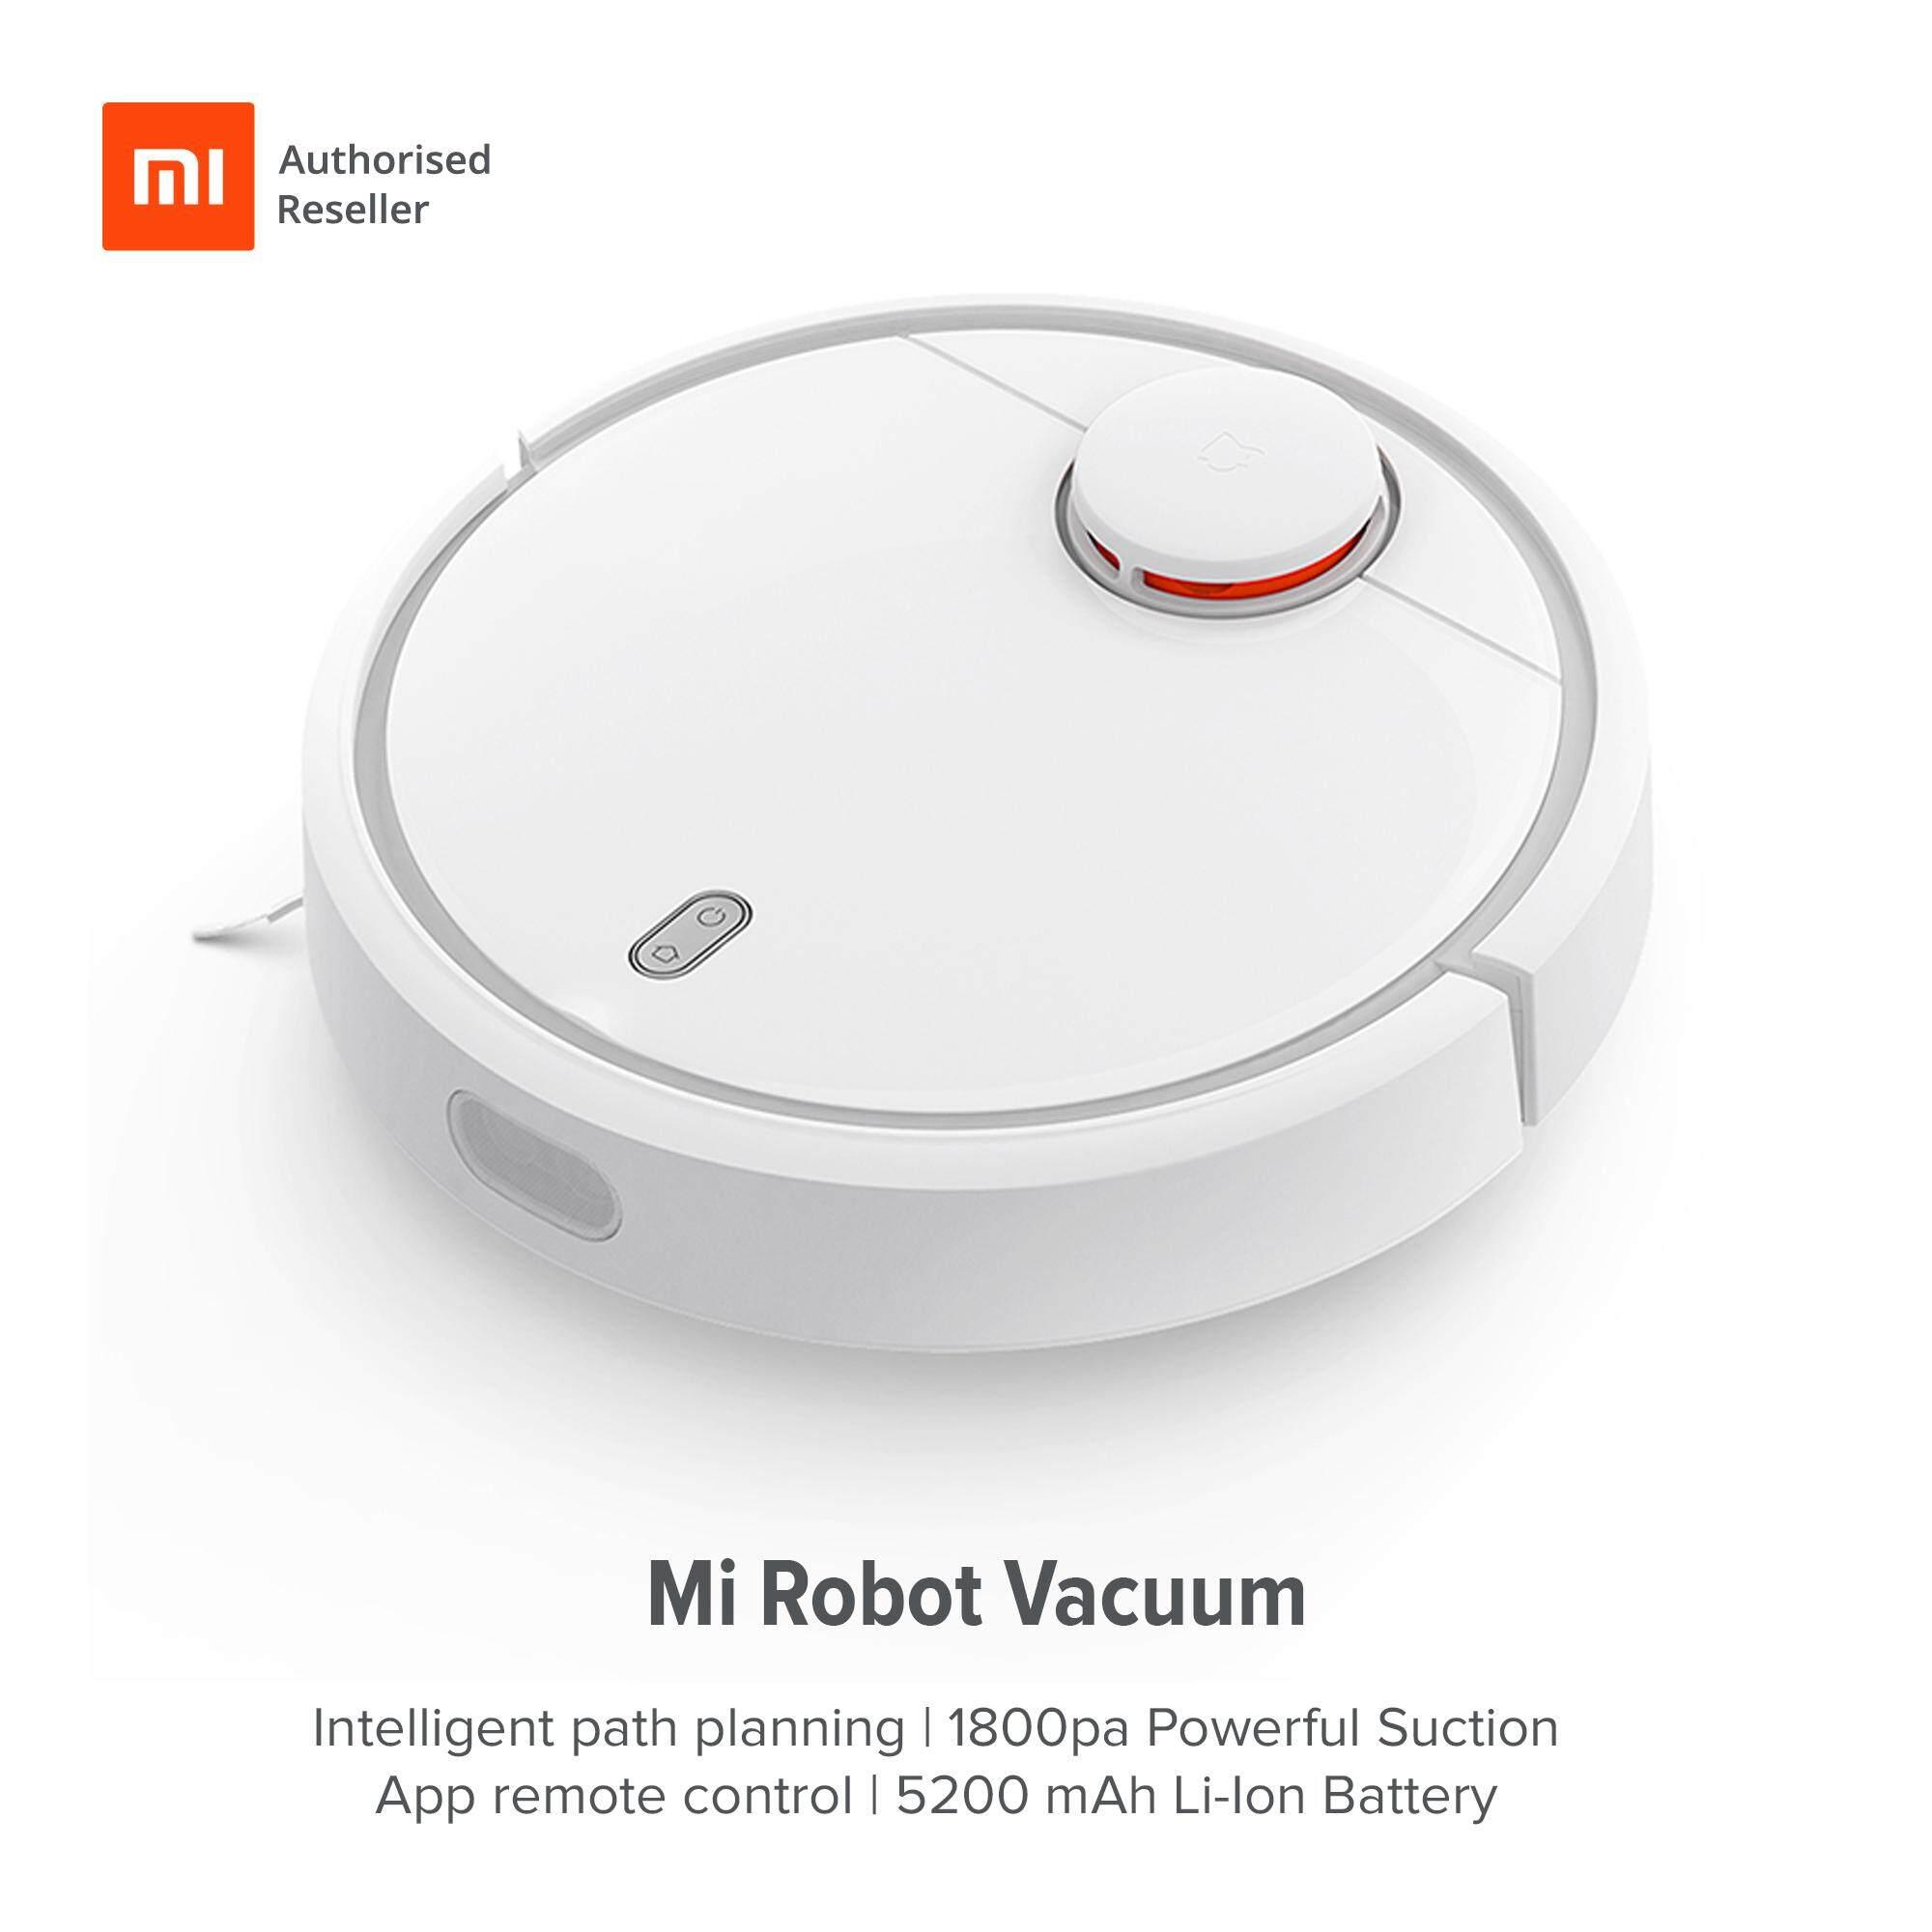 หาซื้อ  Mi Robot Vacuum ซื้อเว็บไหนไม่โกง